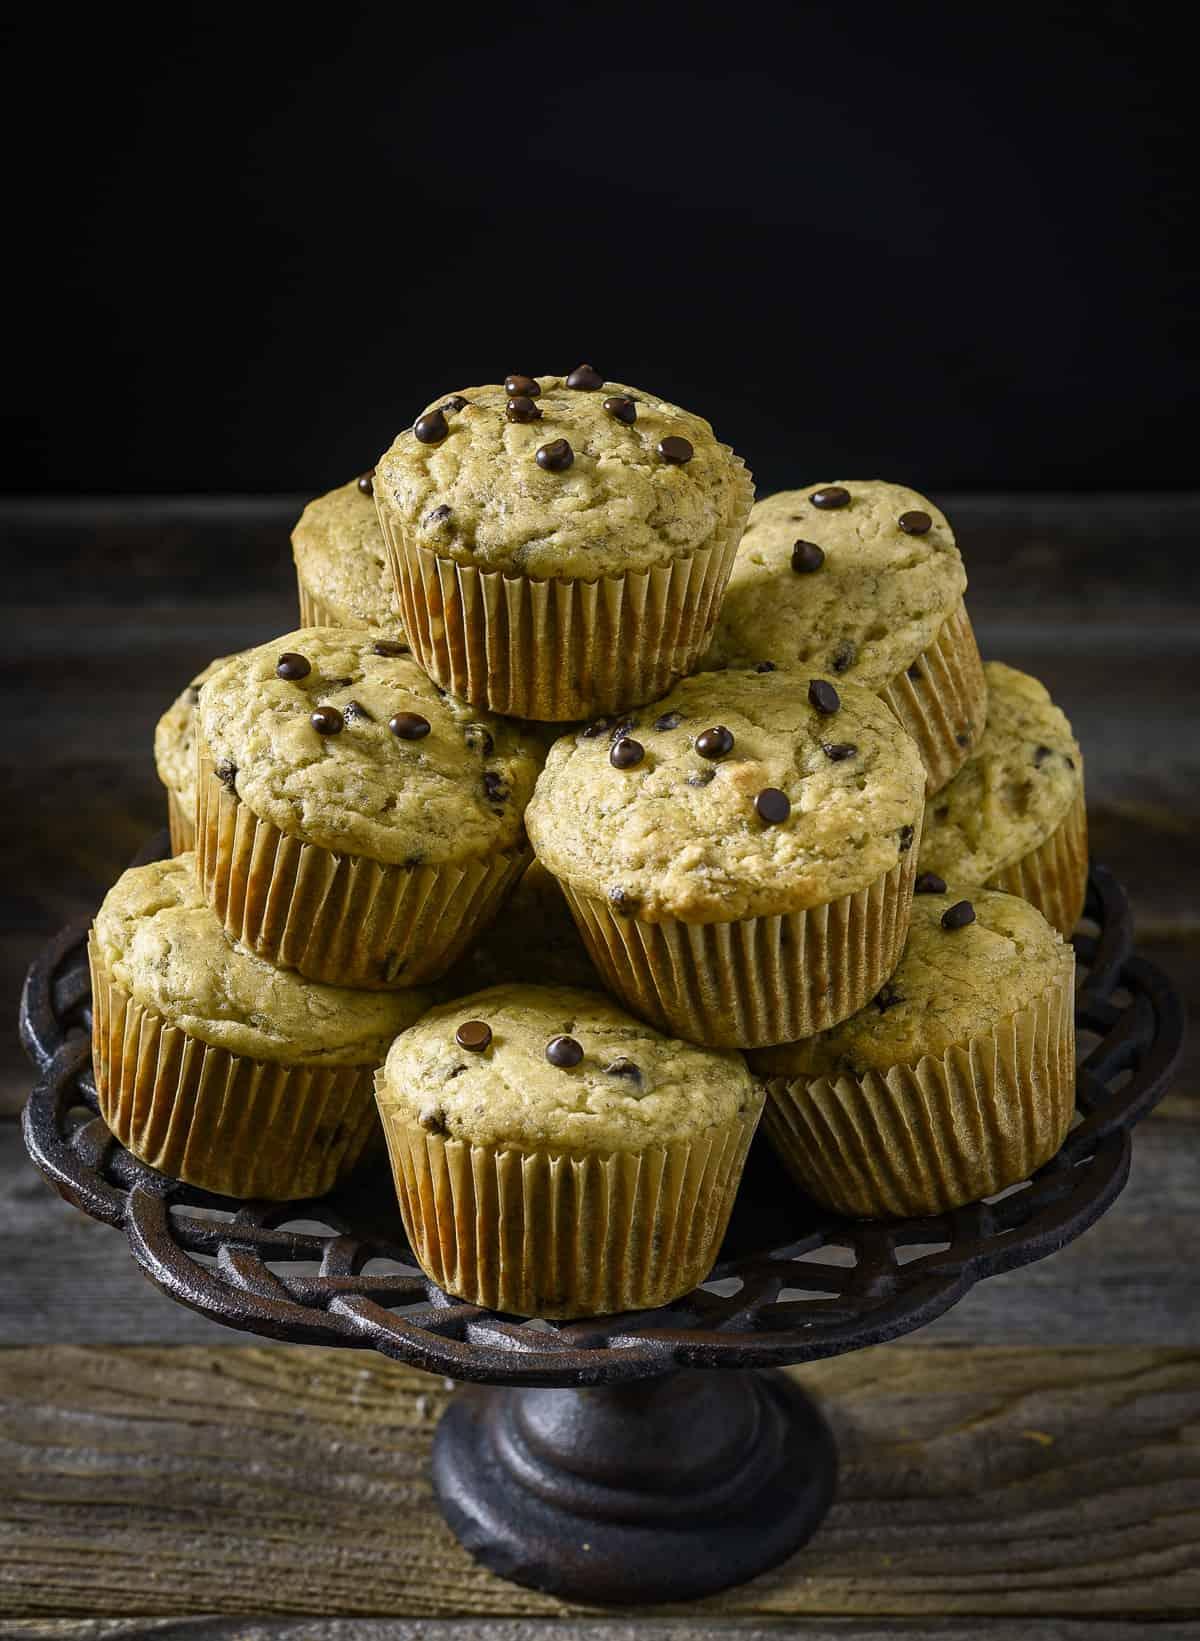 Vegan banana chocolate chip muffins stacked on cake stand.